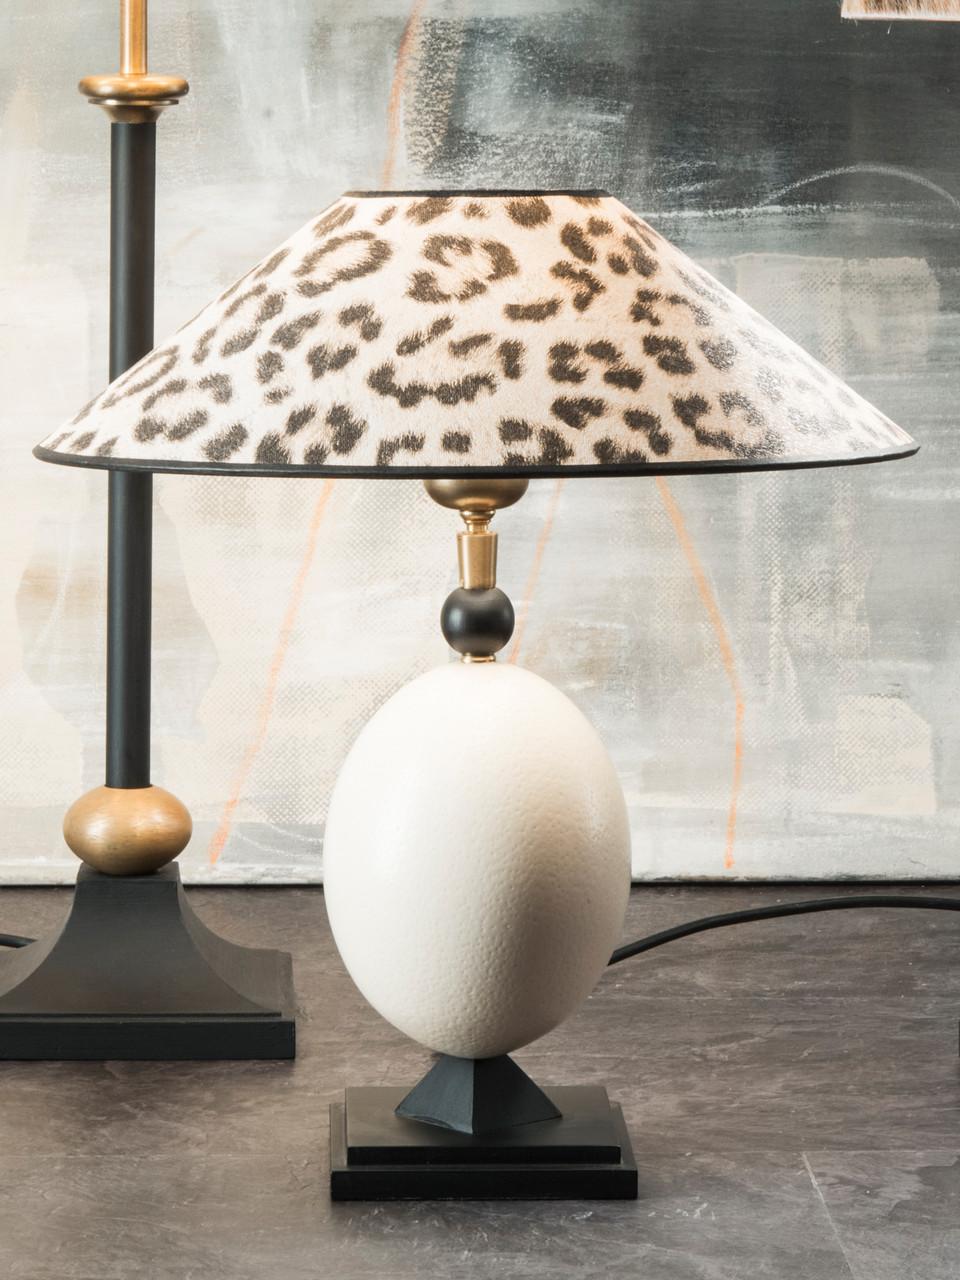 Tischleuchte Strußenei, Schirm mit Leoprint